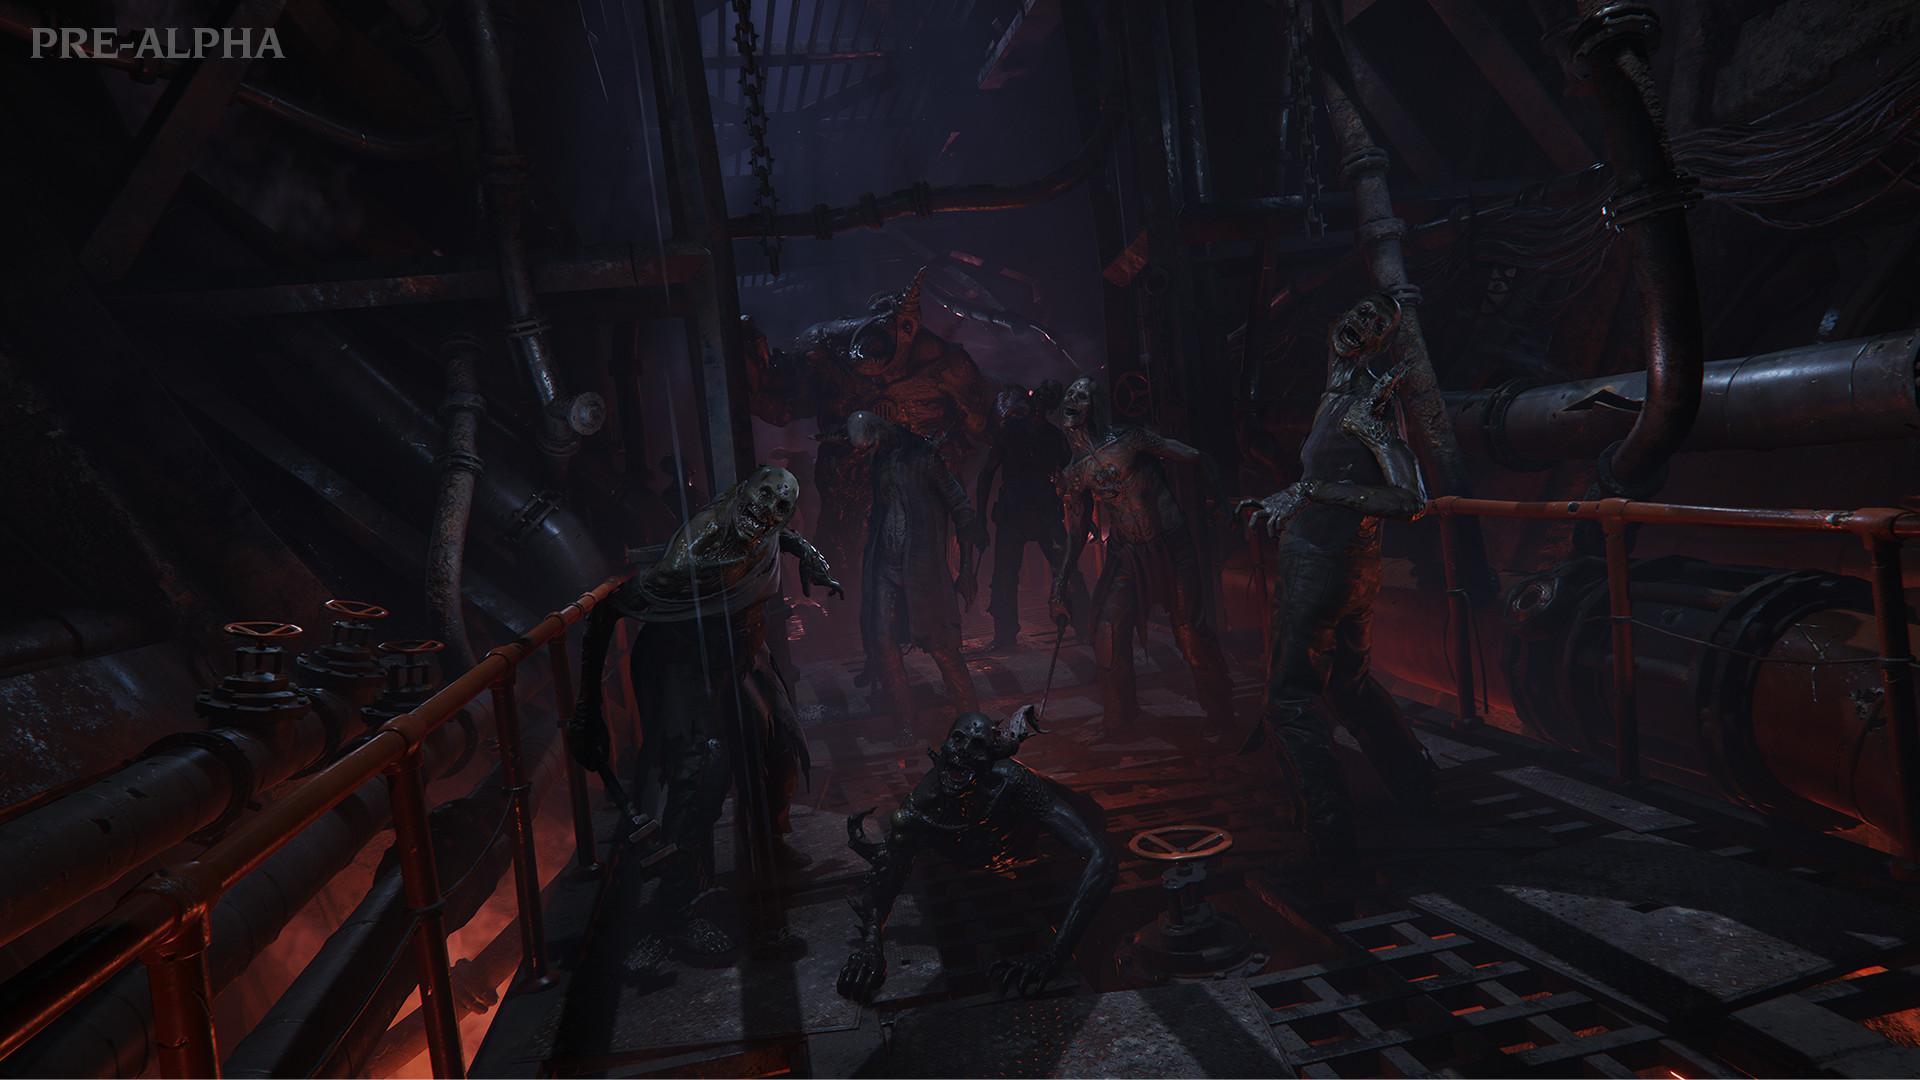 Warhammer 40,000 Darktide delayed until Spring 2022